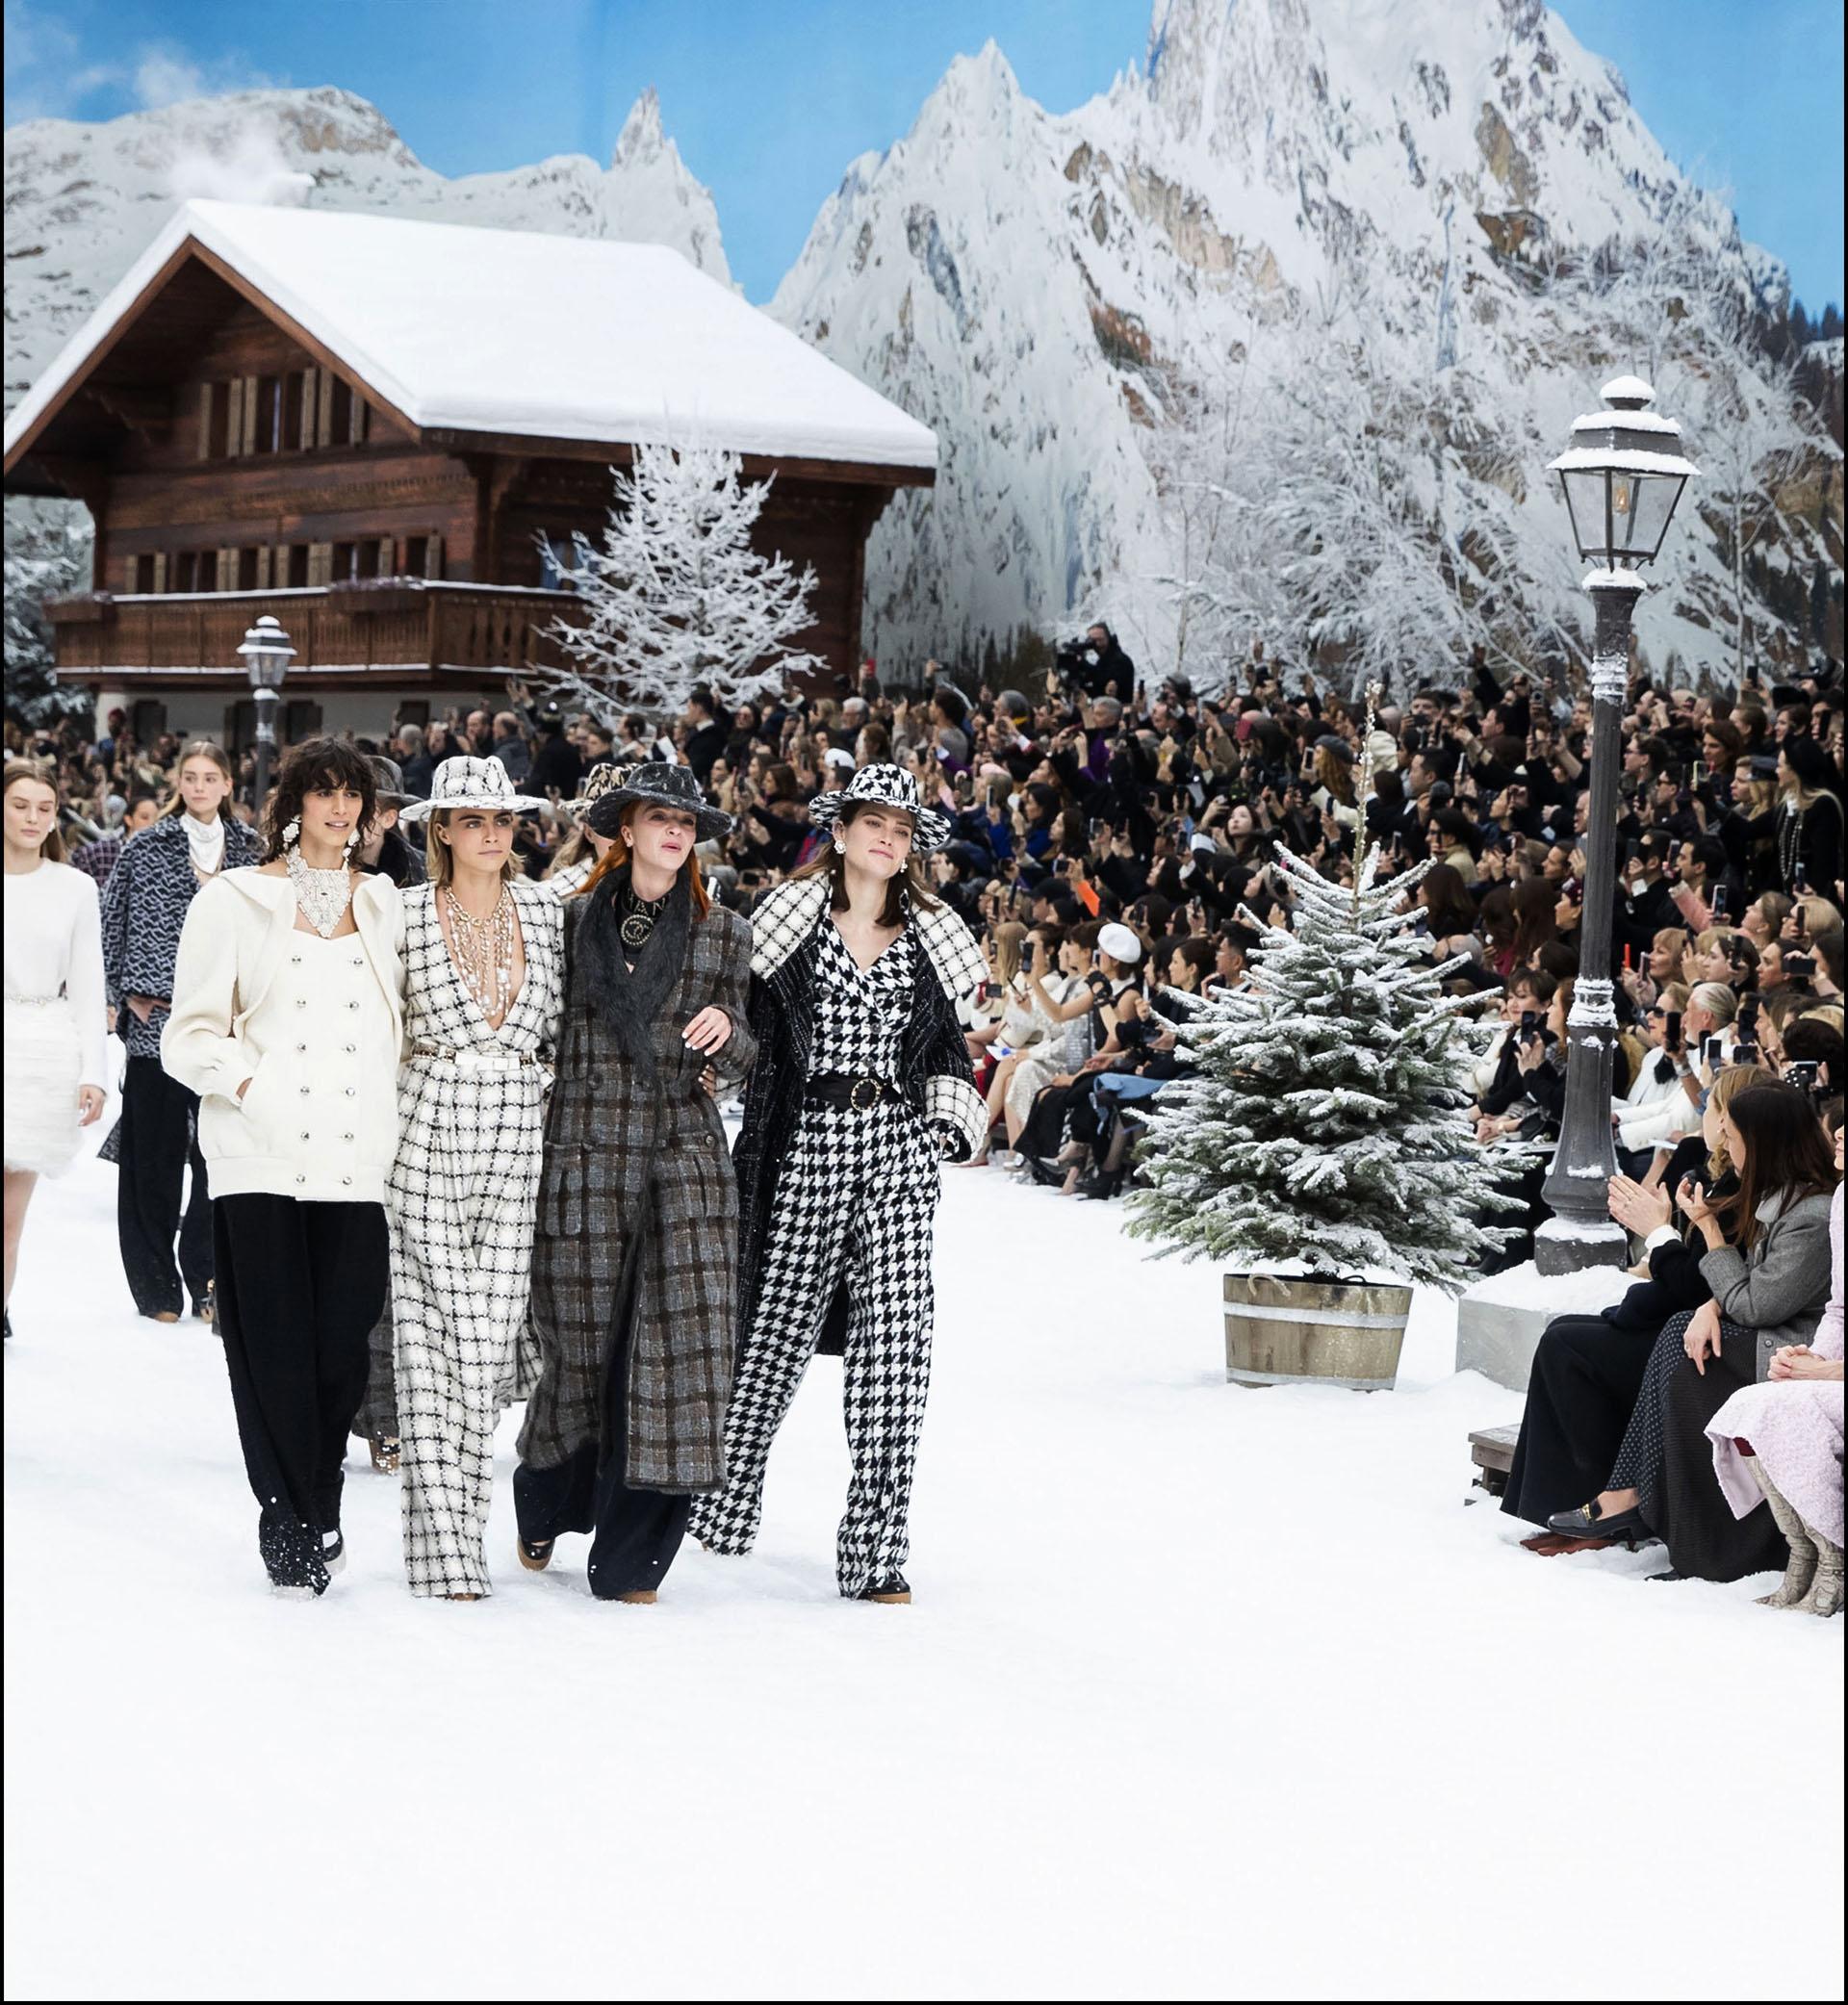 """Cara Delevingne, Anna Wintour - People au dÈfilÈ de mode PrÍt-‡-Porter automne-hiver 2019/2020 """"Chanel"""" ‡ Paris. Le 5 mars 2019 --- People attends the PAP F/W 2019/2020 Chanel fashion show in Paris. On march 5th 2019"""